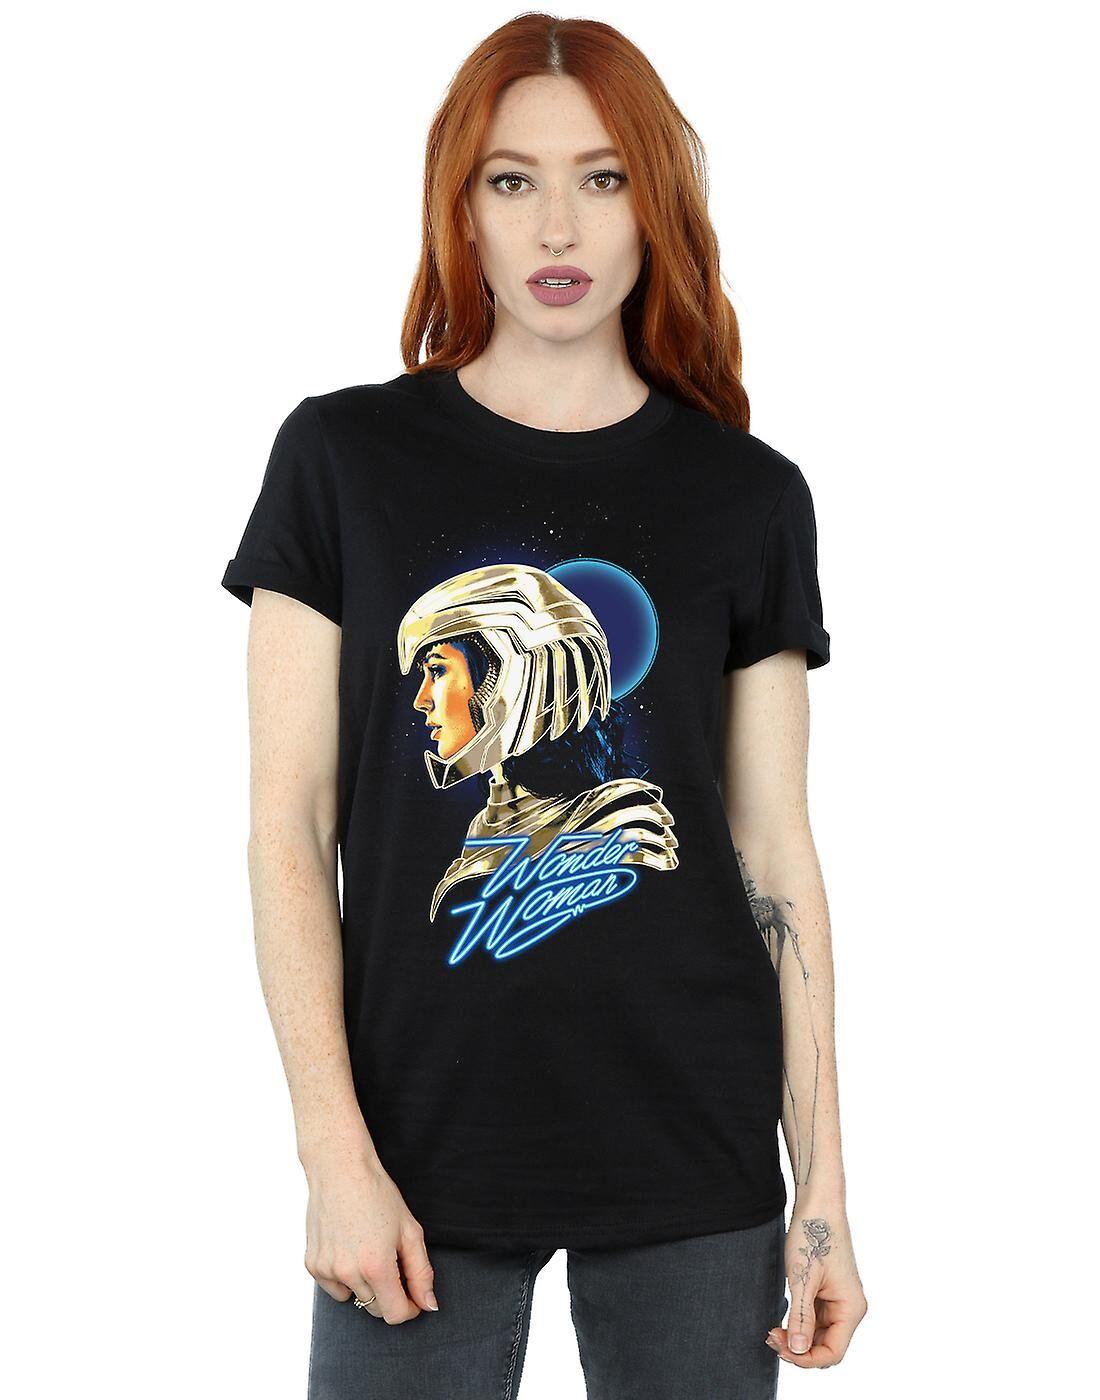 Absolute Cult DC Comics Femmes-apos;s Wonder Woman 84 Rétro Gold Helmet Boyfriend Fit T-Shirt Blanc XX-Large